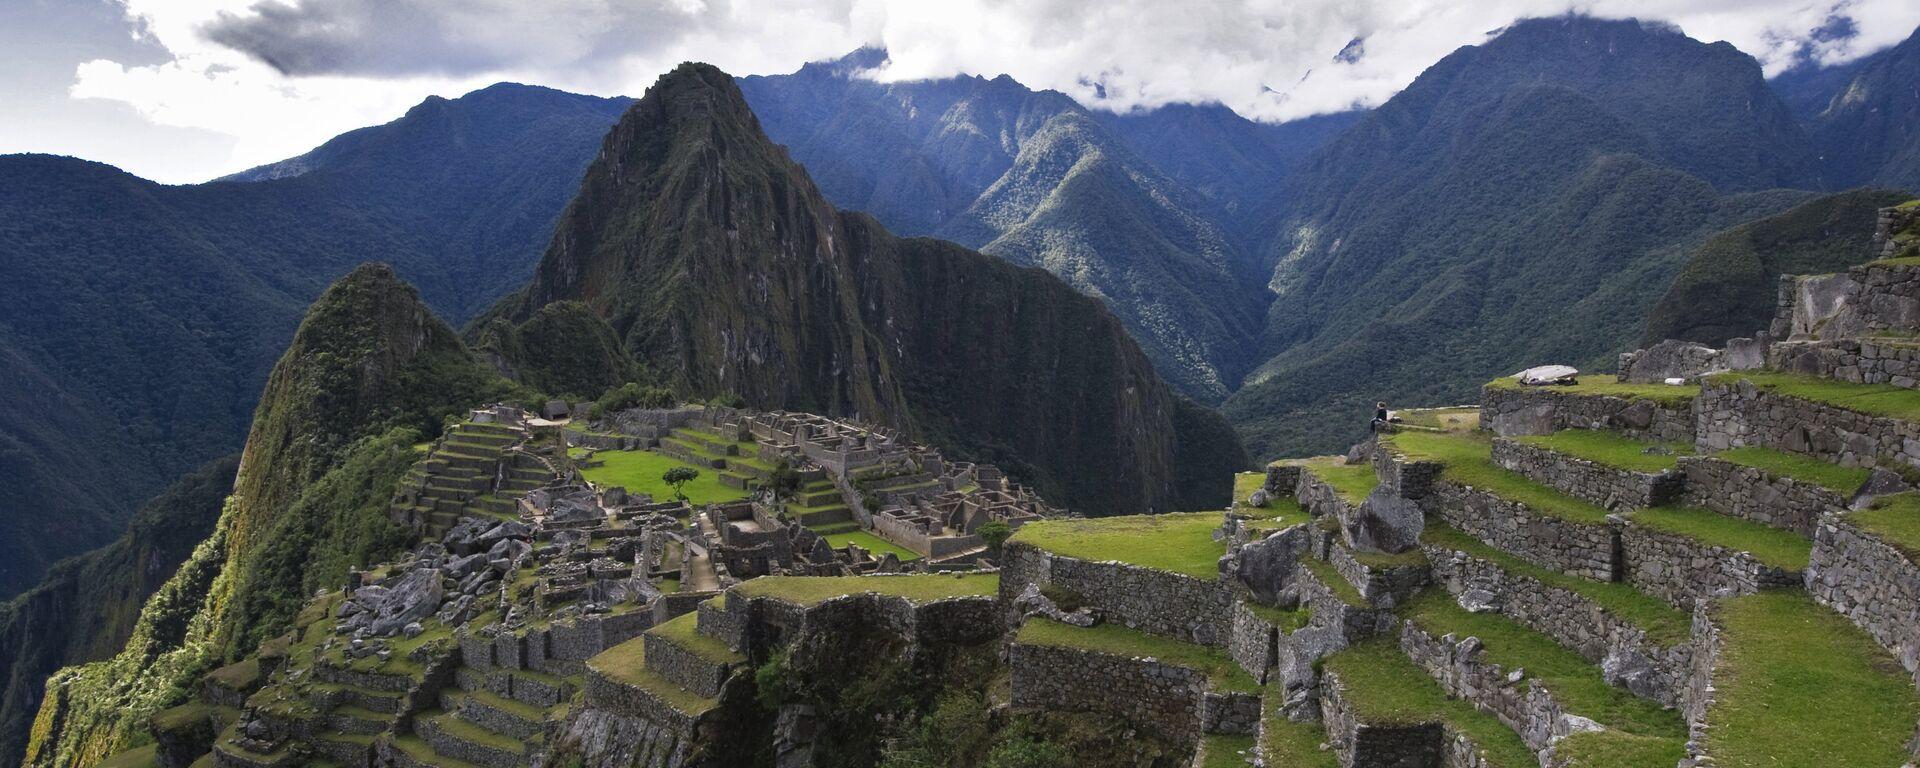 Vista de la montaña Huayna Picchu y las ruinas de la antigua ciudad de Machu Picchu. - Sputnik Mundo, 1920, 19.03.2021